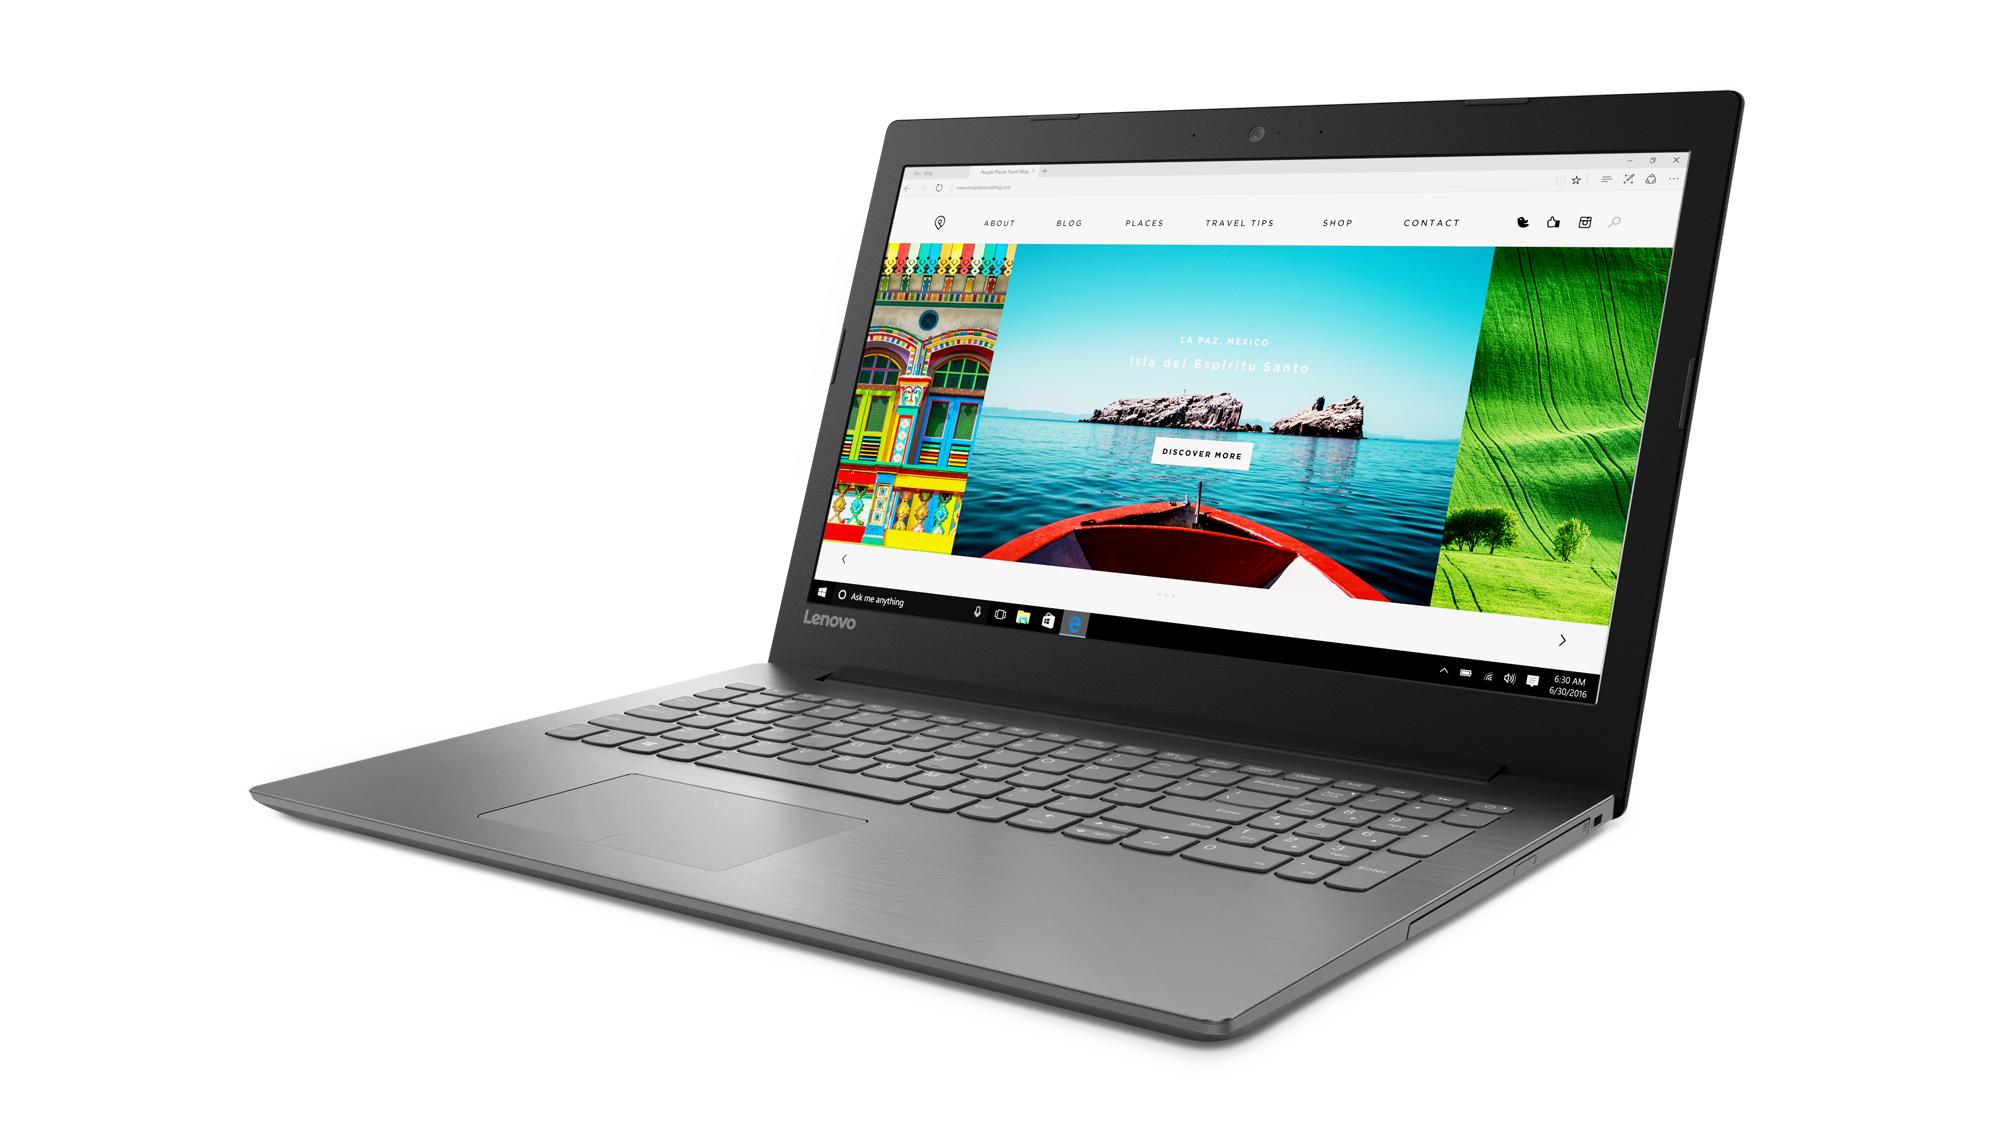 """Lenovo IdeaPad 320-15IKBRN i5-8250U 3,40GHz/4GB/SSD 256GB/15,6"""" FHD/AG/GeForce 2GB/WIN10 černá 81BG000GCK"""